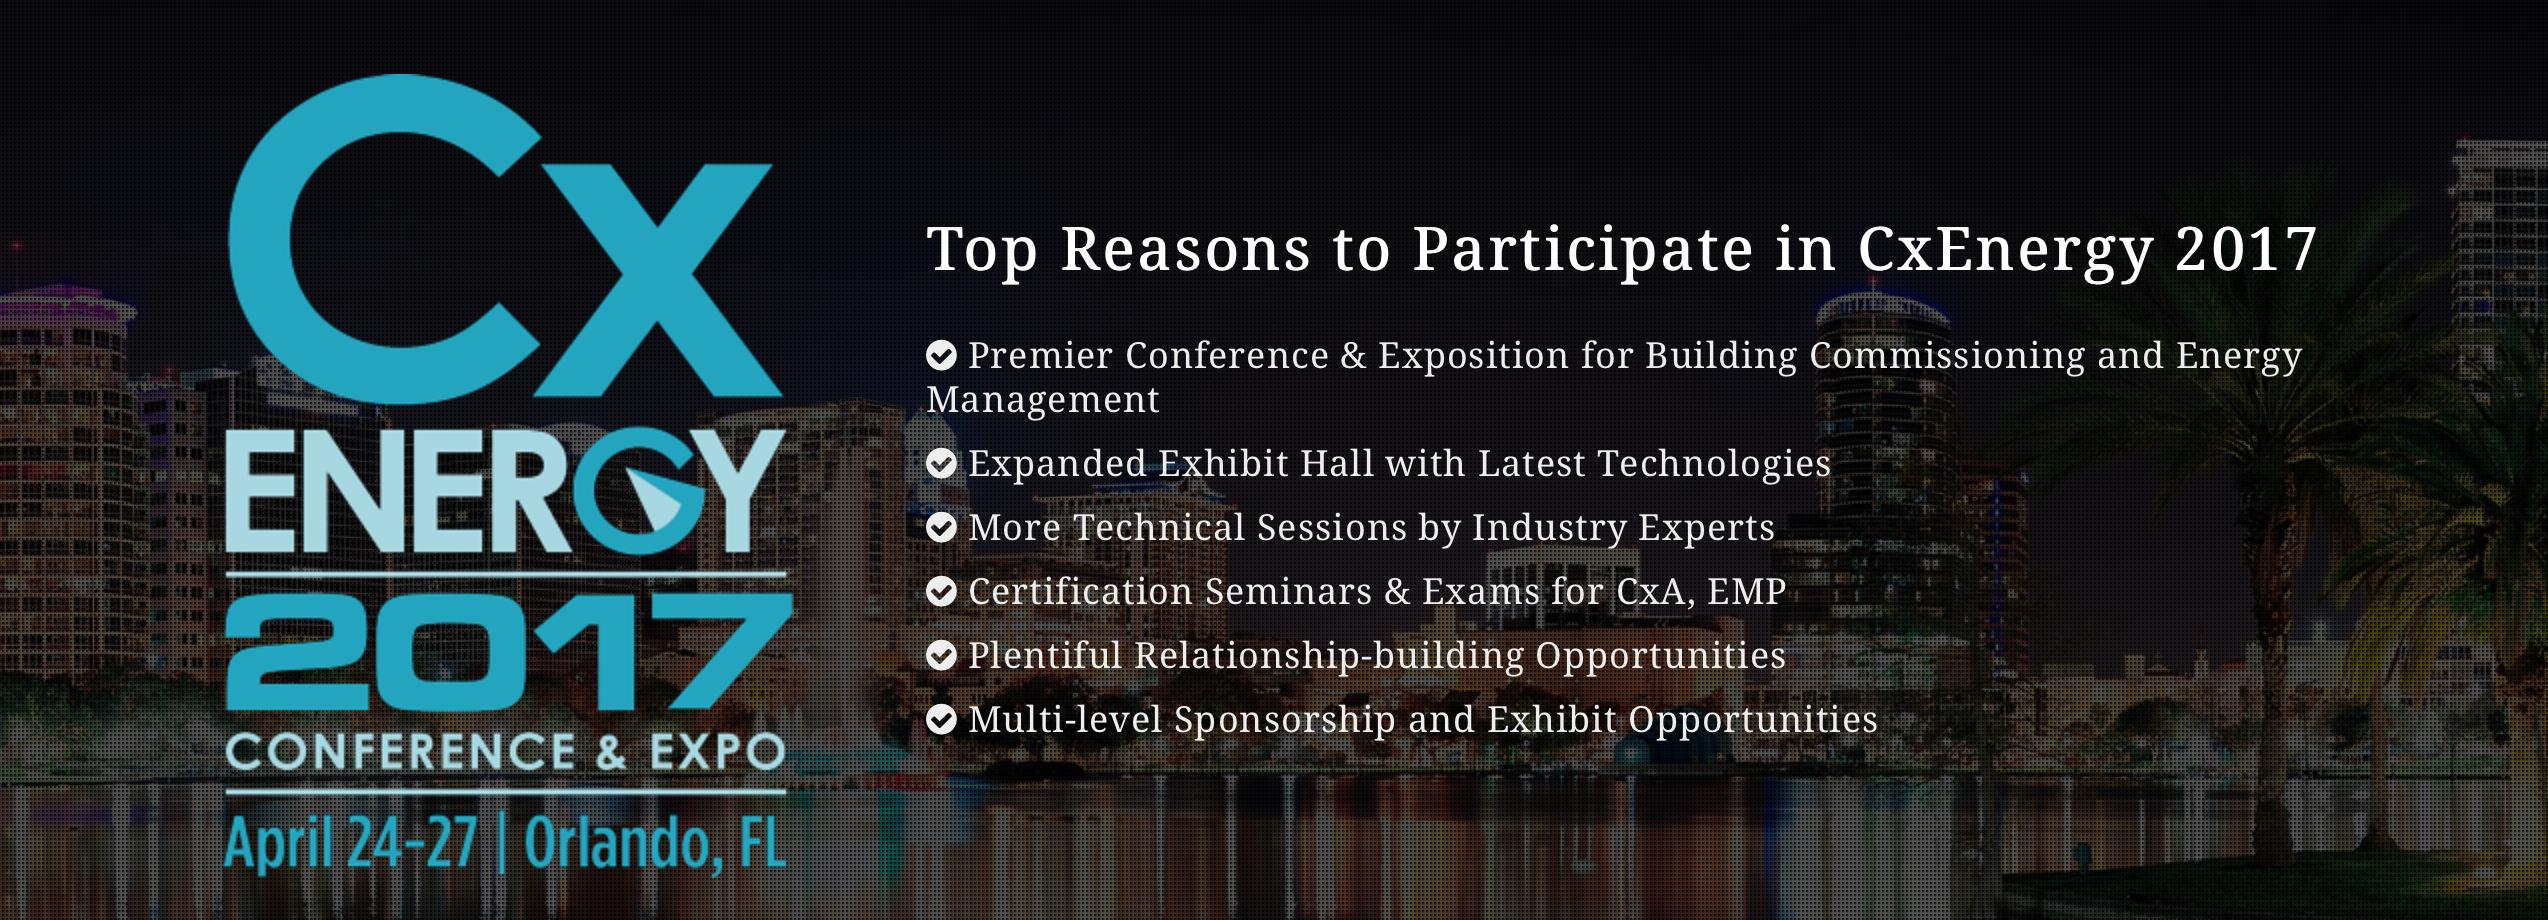 CxEnergy 2017 Conference & Expo